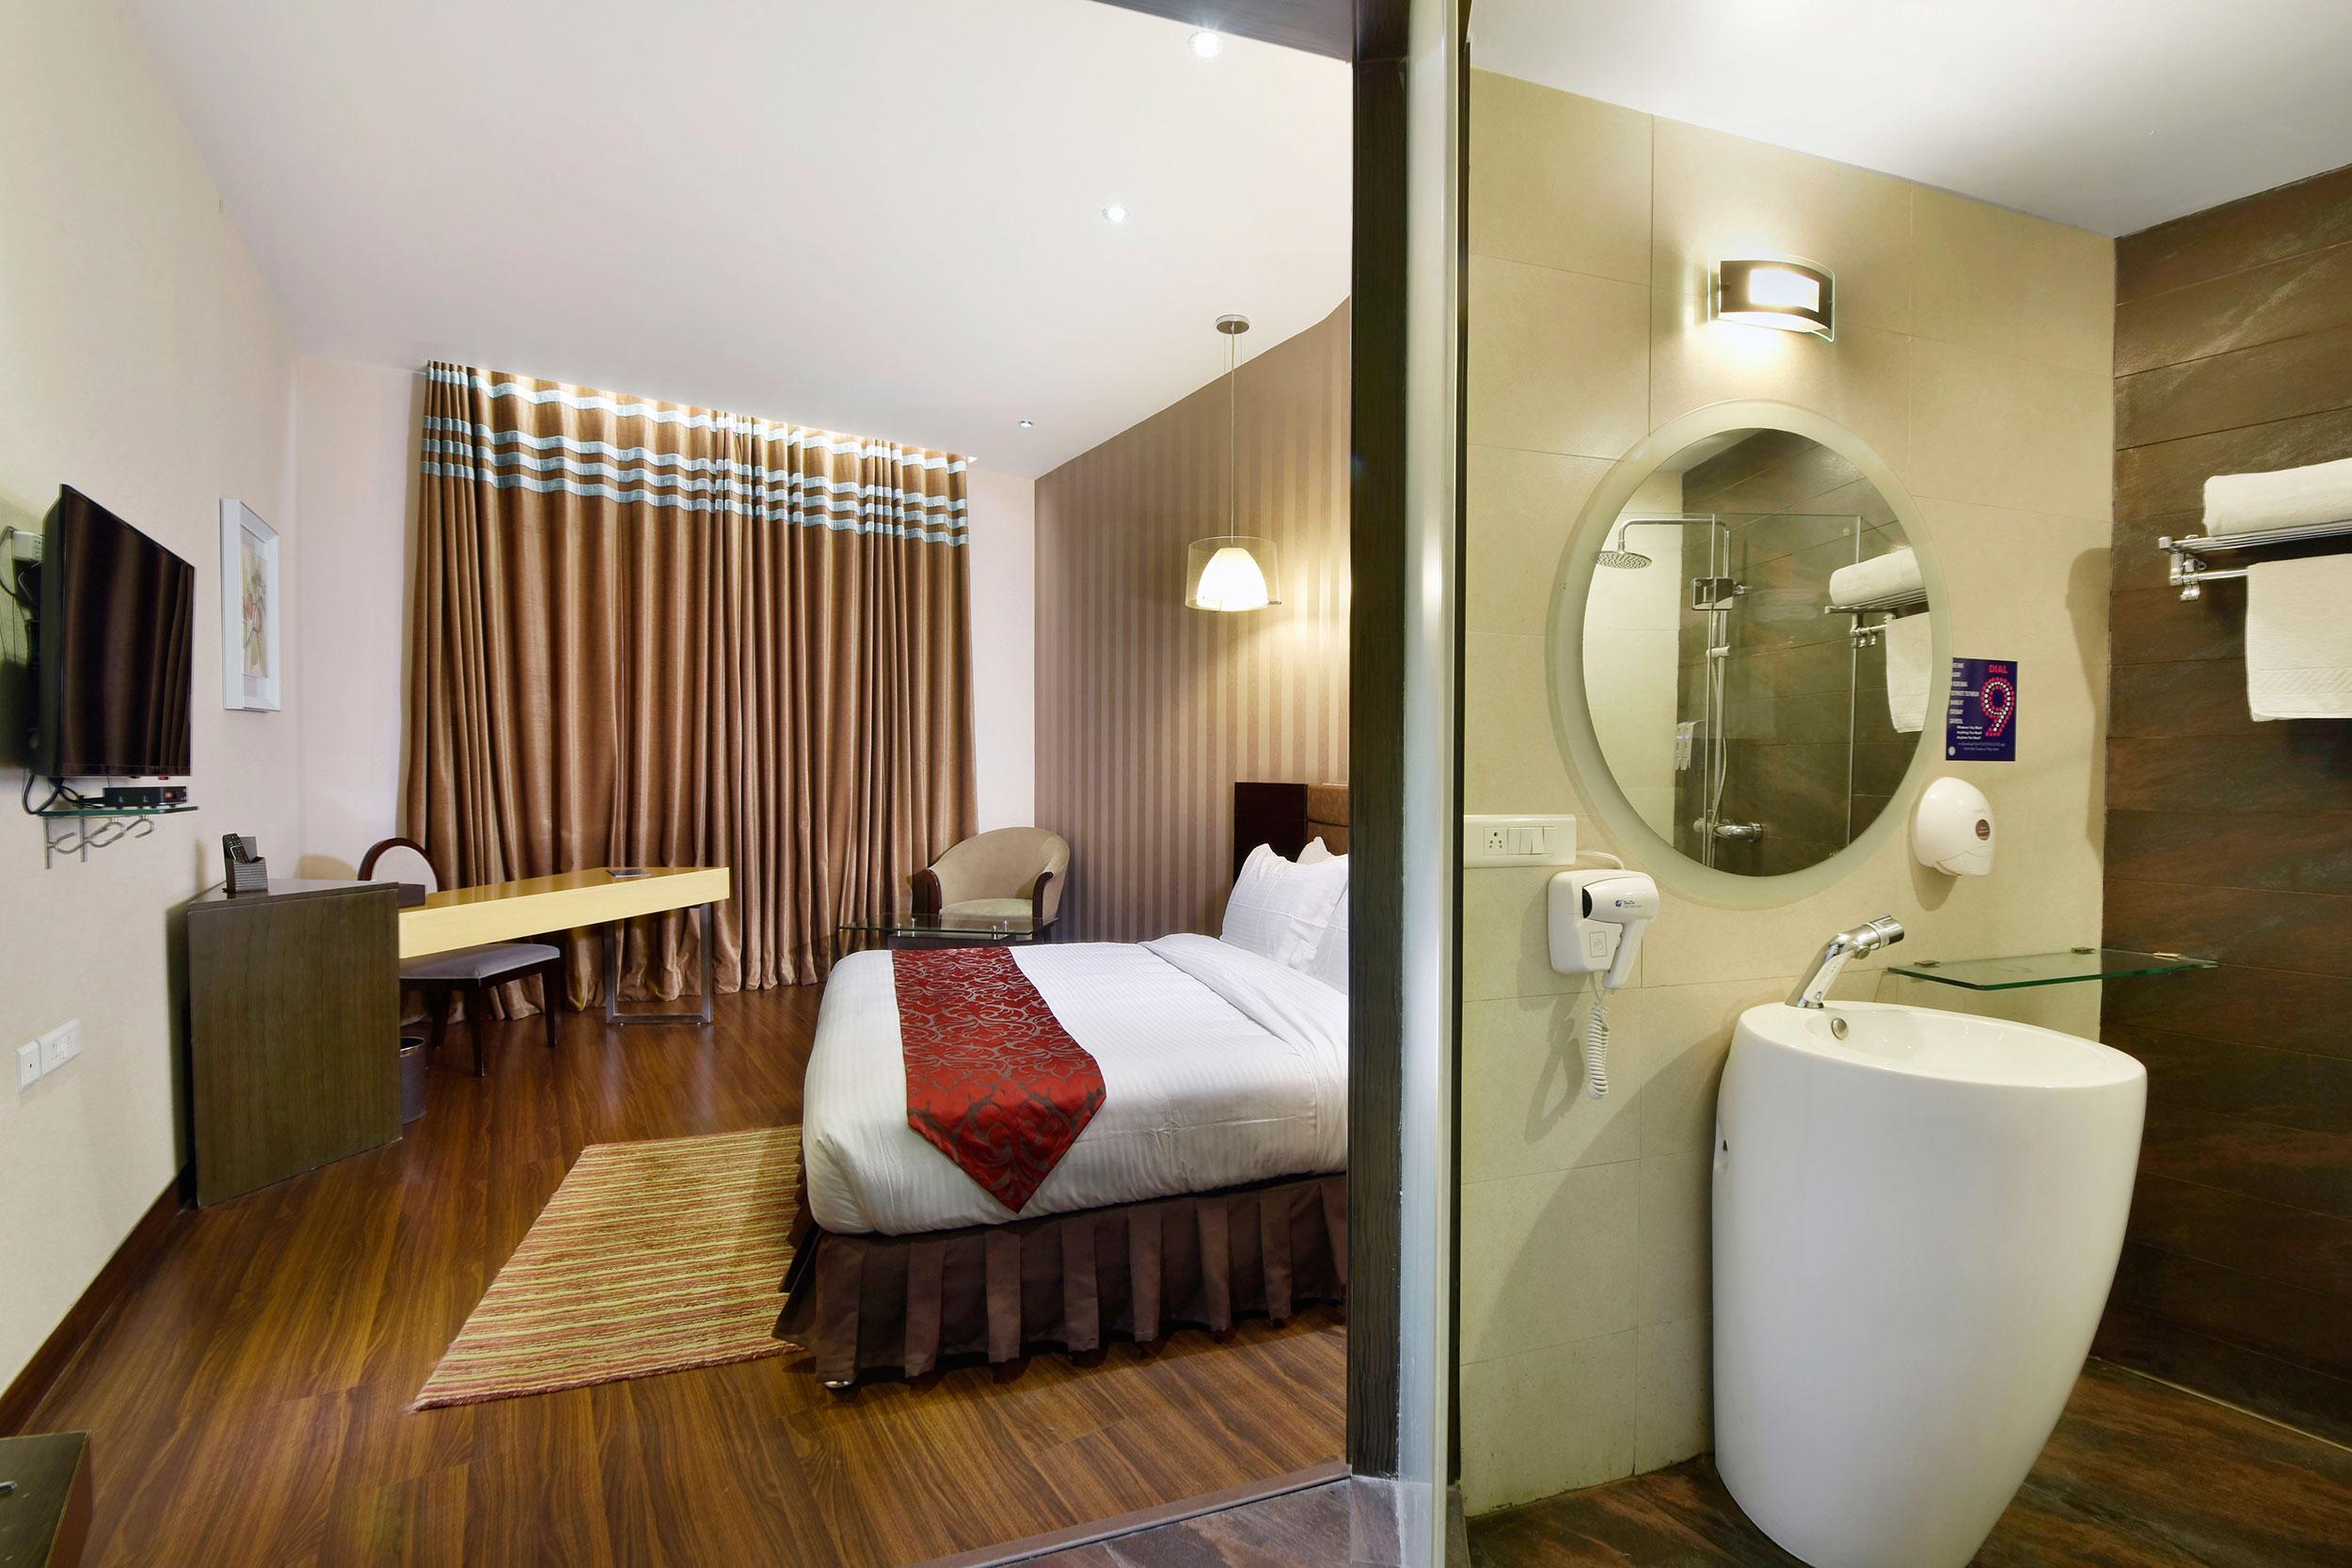 Spree Hotels Room Image 2